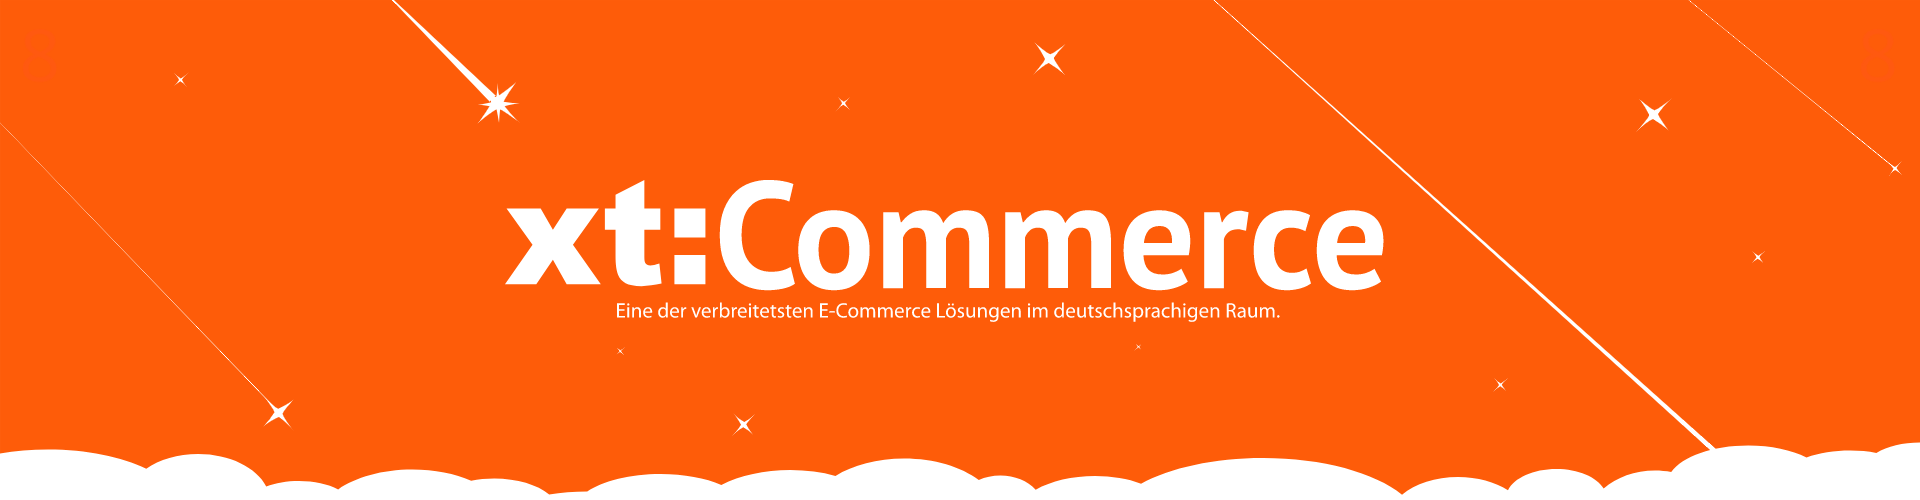 xt:Commerce 5 veröffentlicht